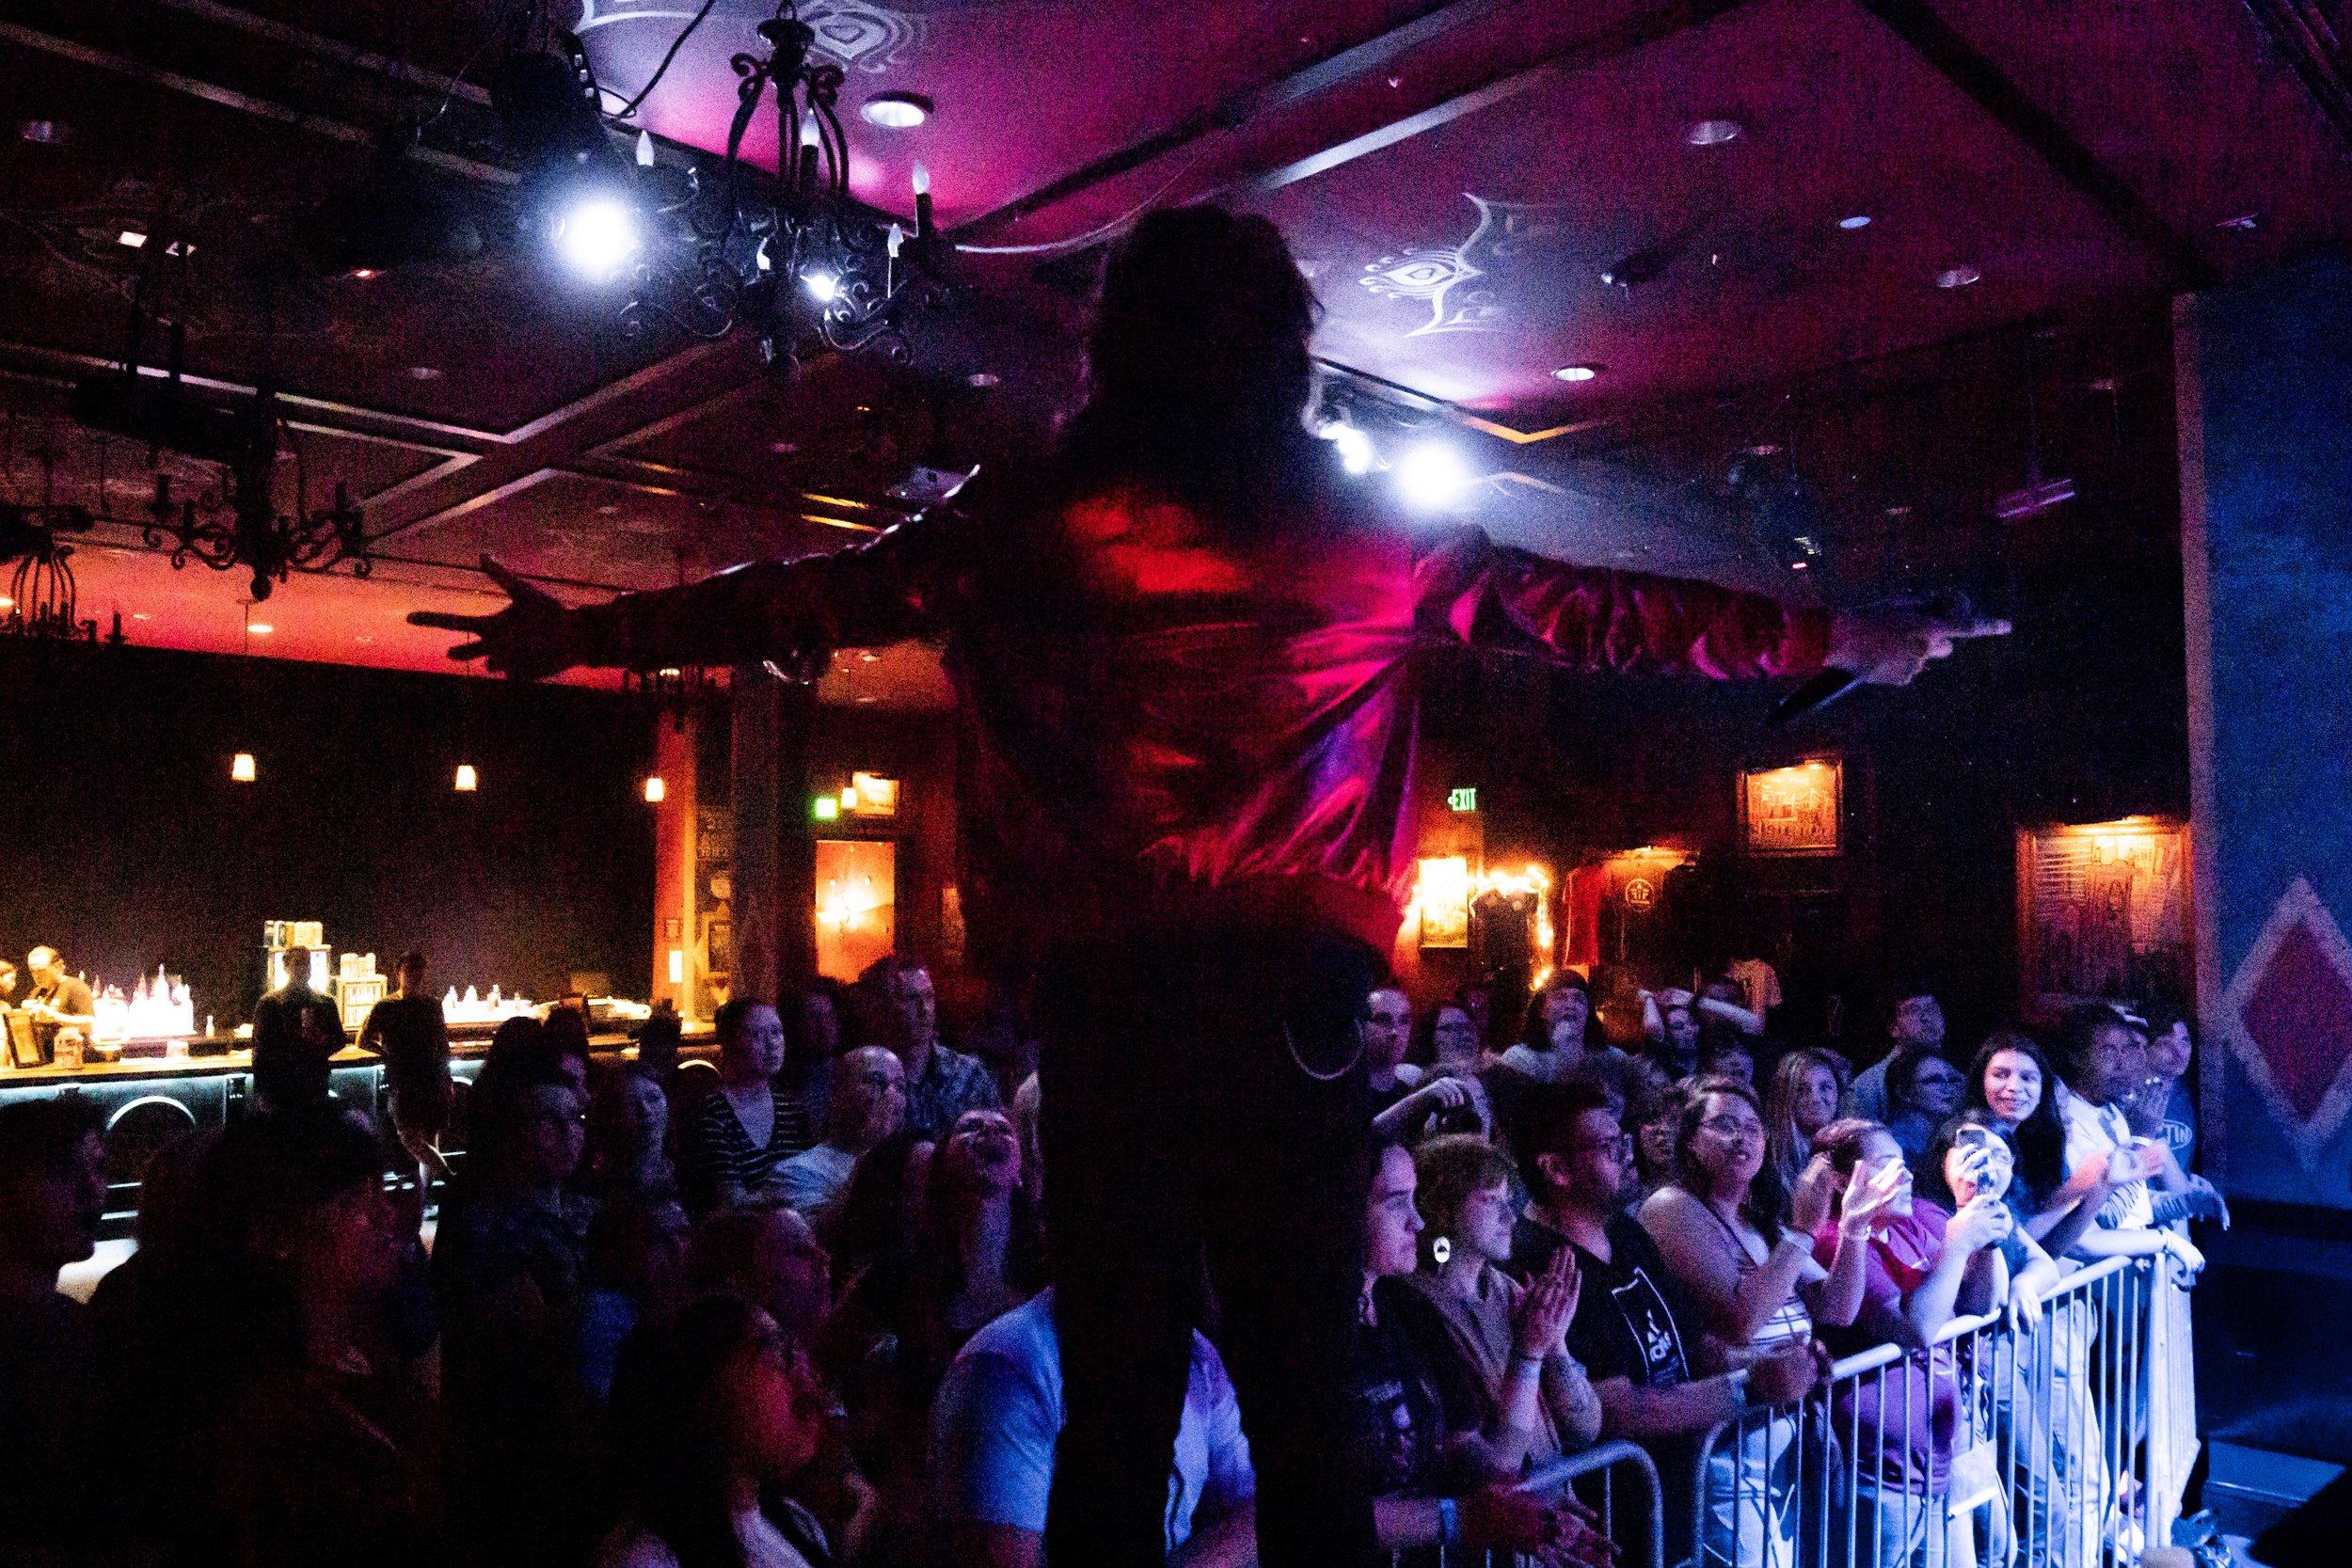 Houston: 9/21/19